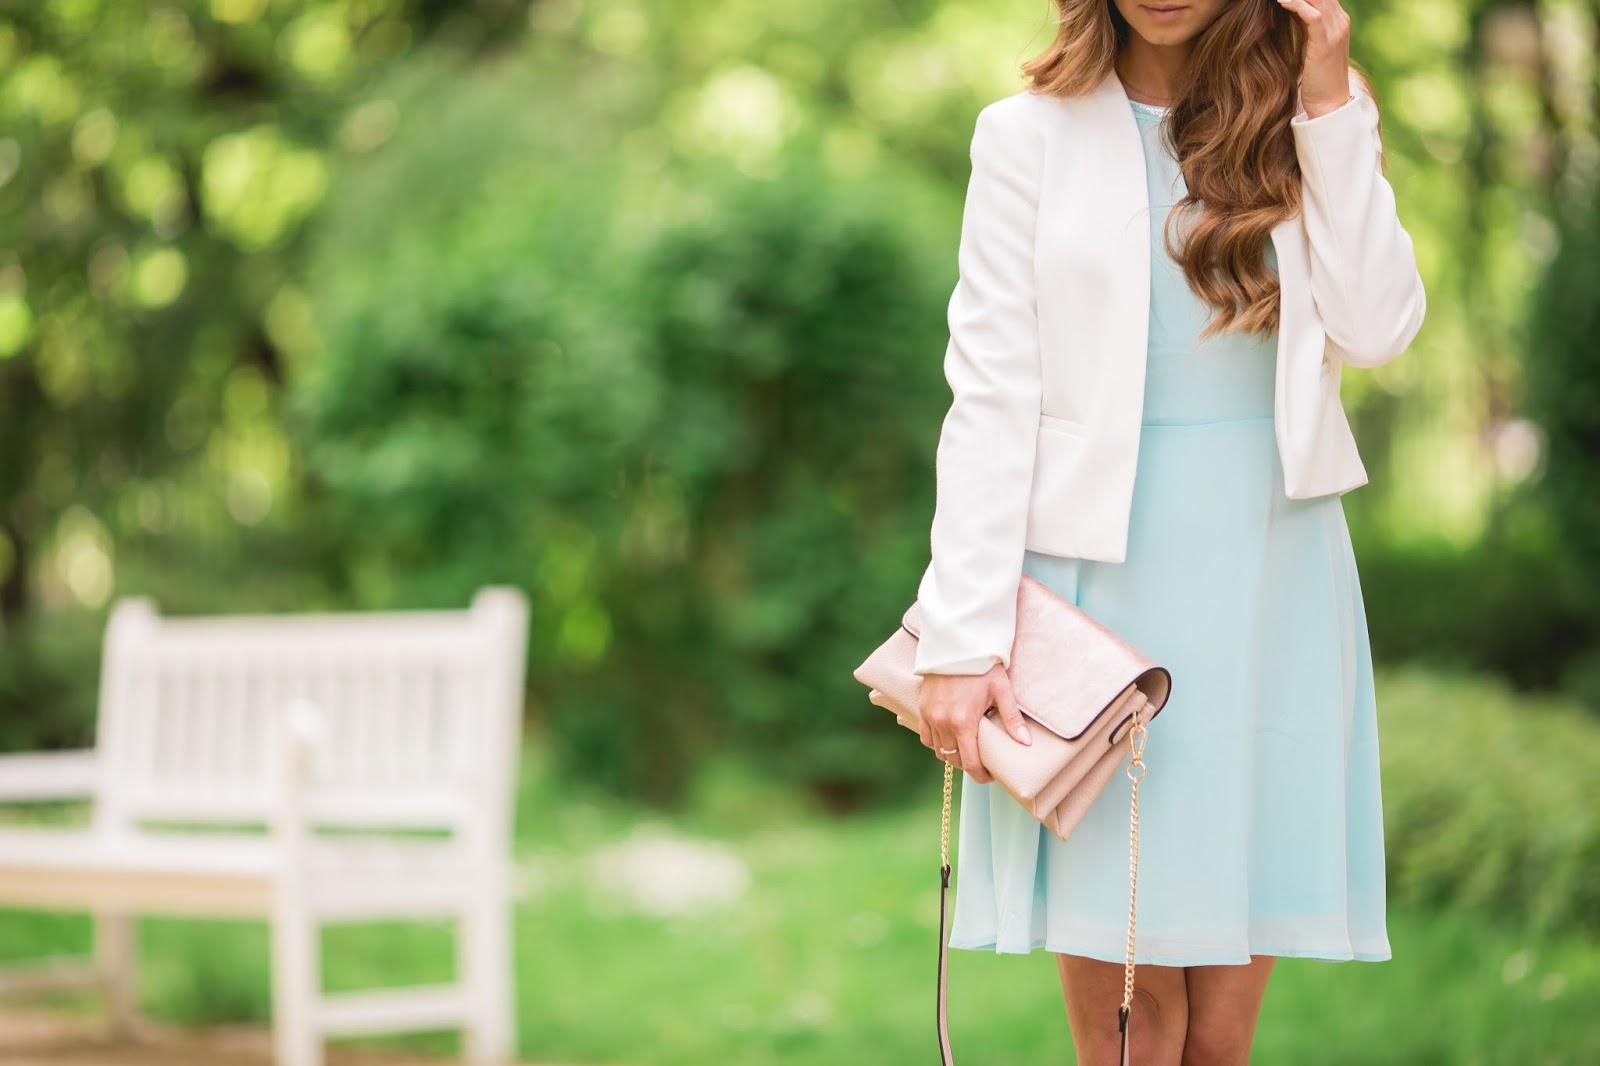 Stylizacja Na Wesele Blekitna Sukienka I Dodatki W Odcieniu Rozowego Zlota Styloly Blog By Aleksandra Marzeda